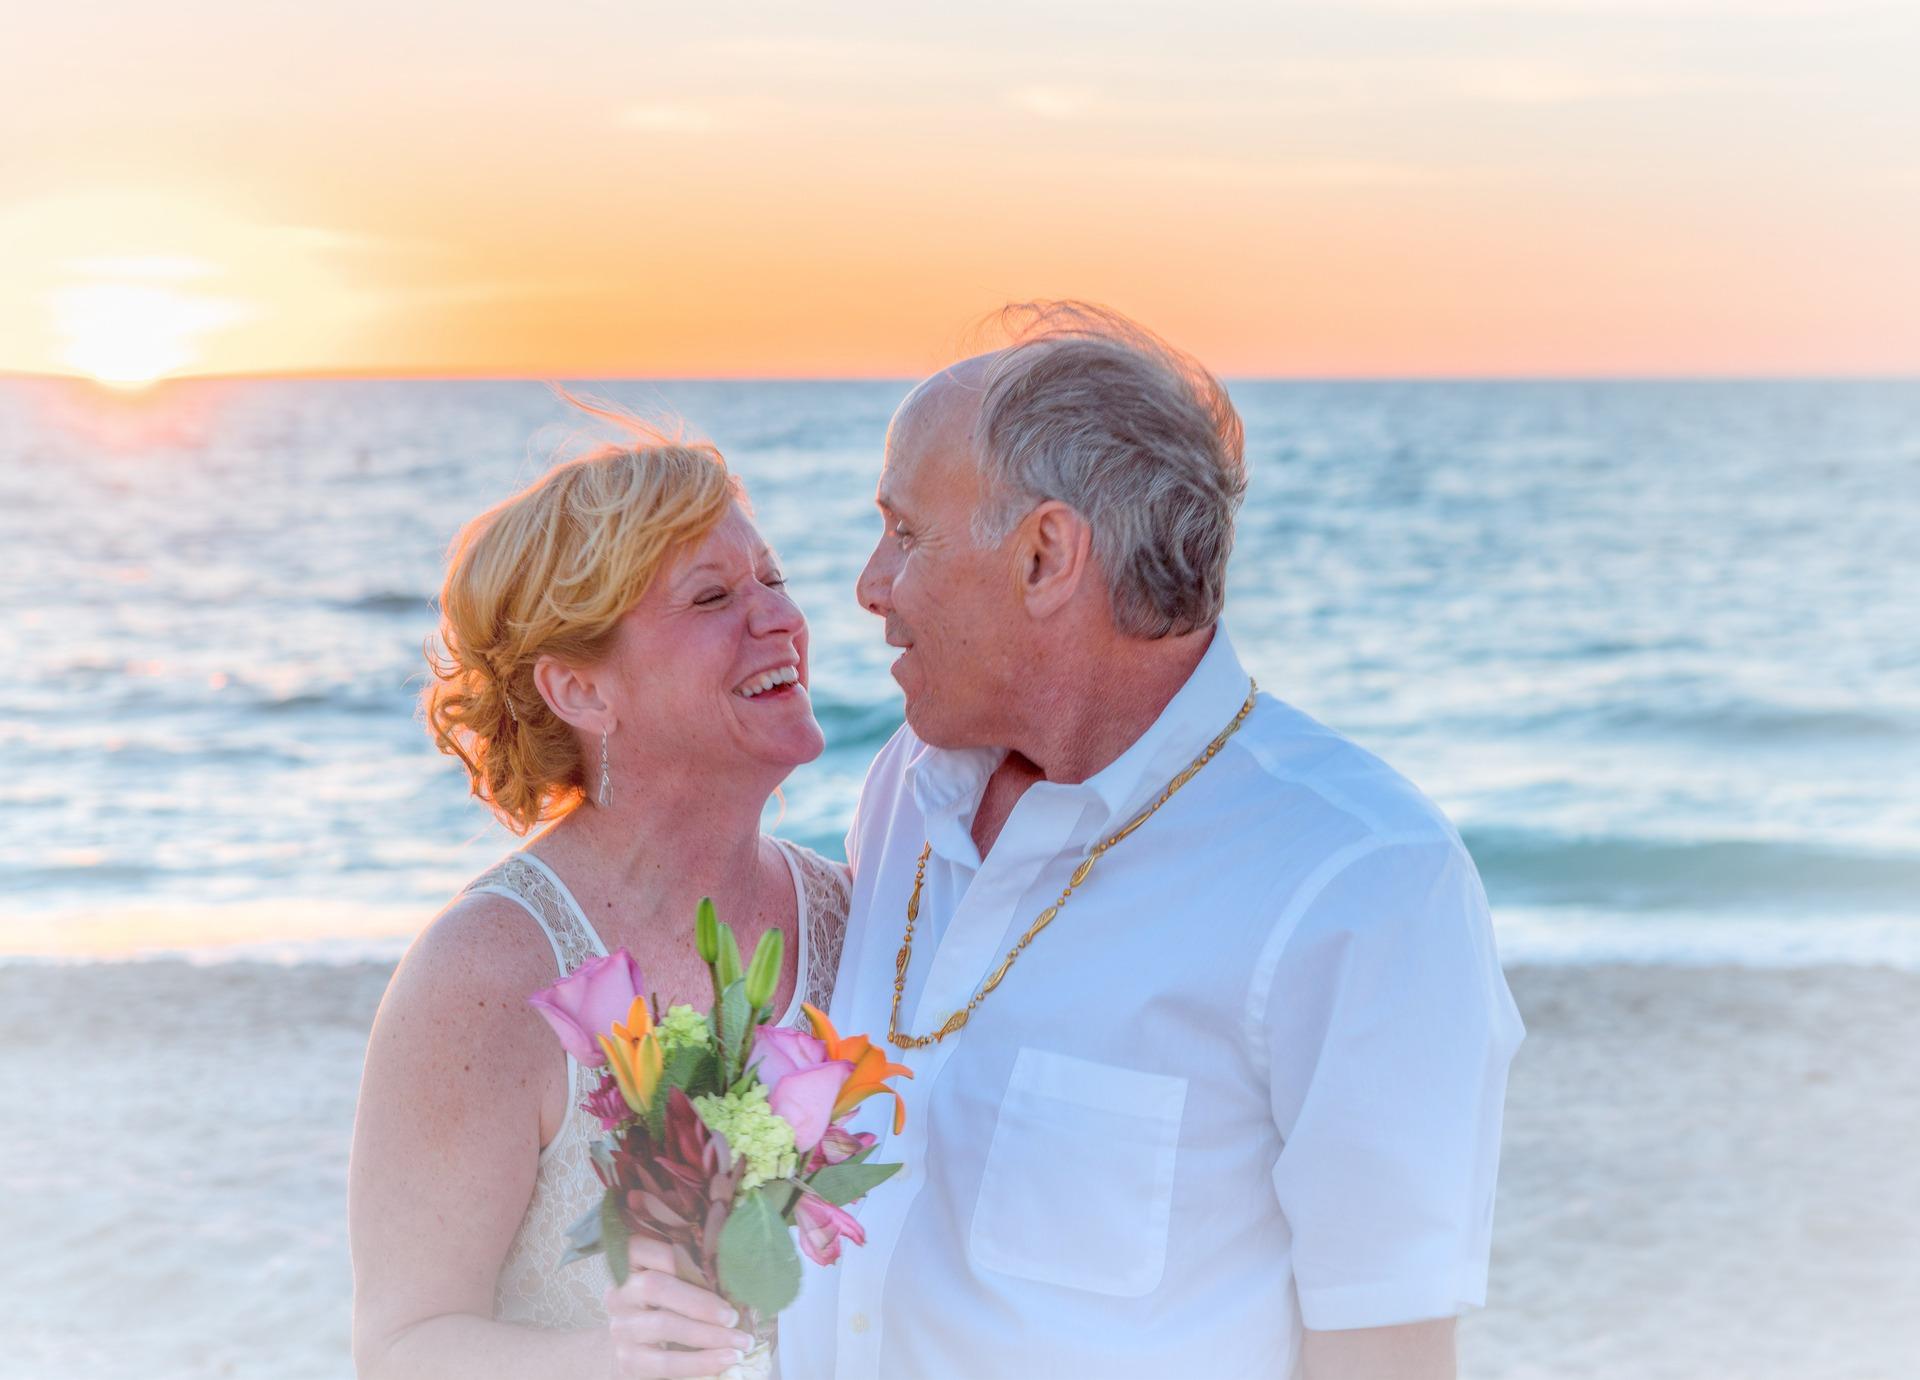 mariage-plage-renouvellement-voeux